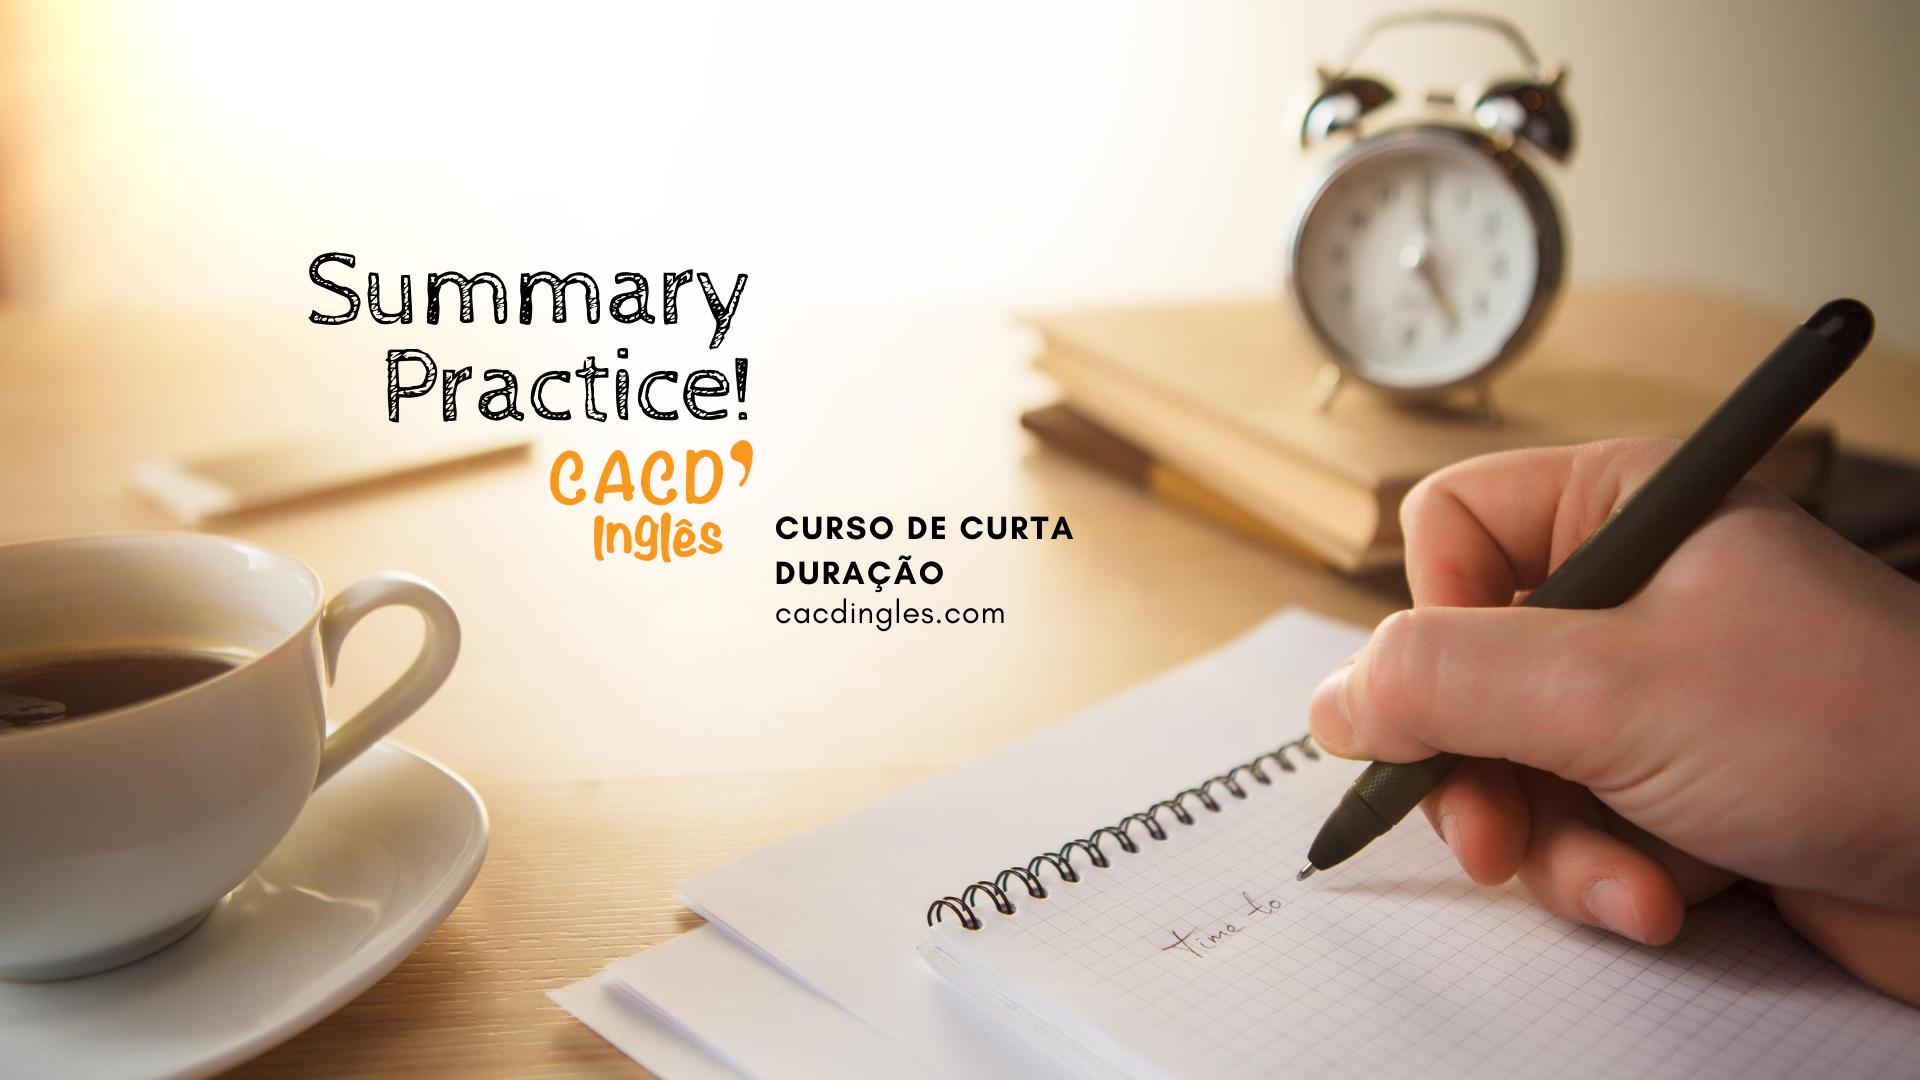 Summary Pratice